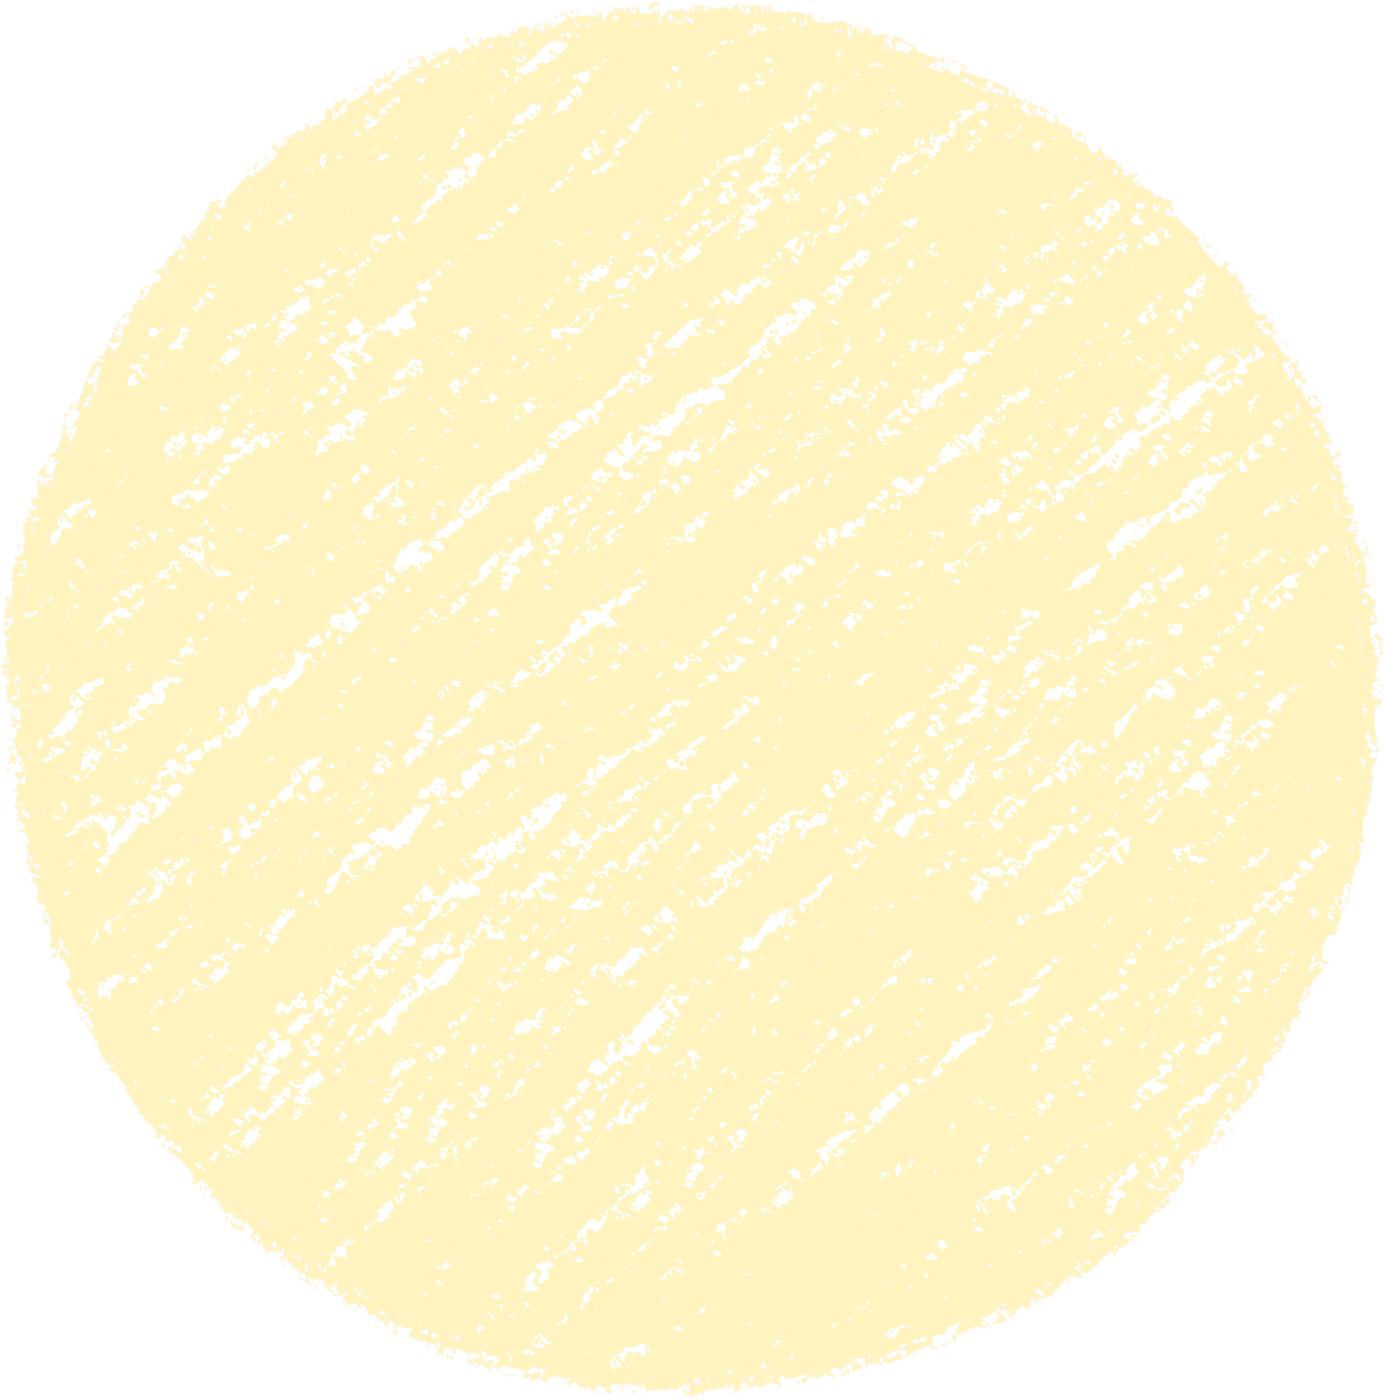 クレヨン塗り背景 黄色 新(イエロー)丸 パステル のイラスト sircle_yellow